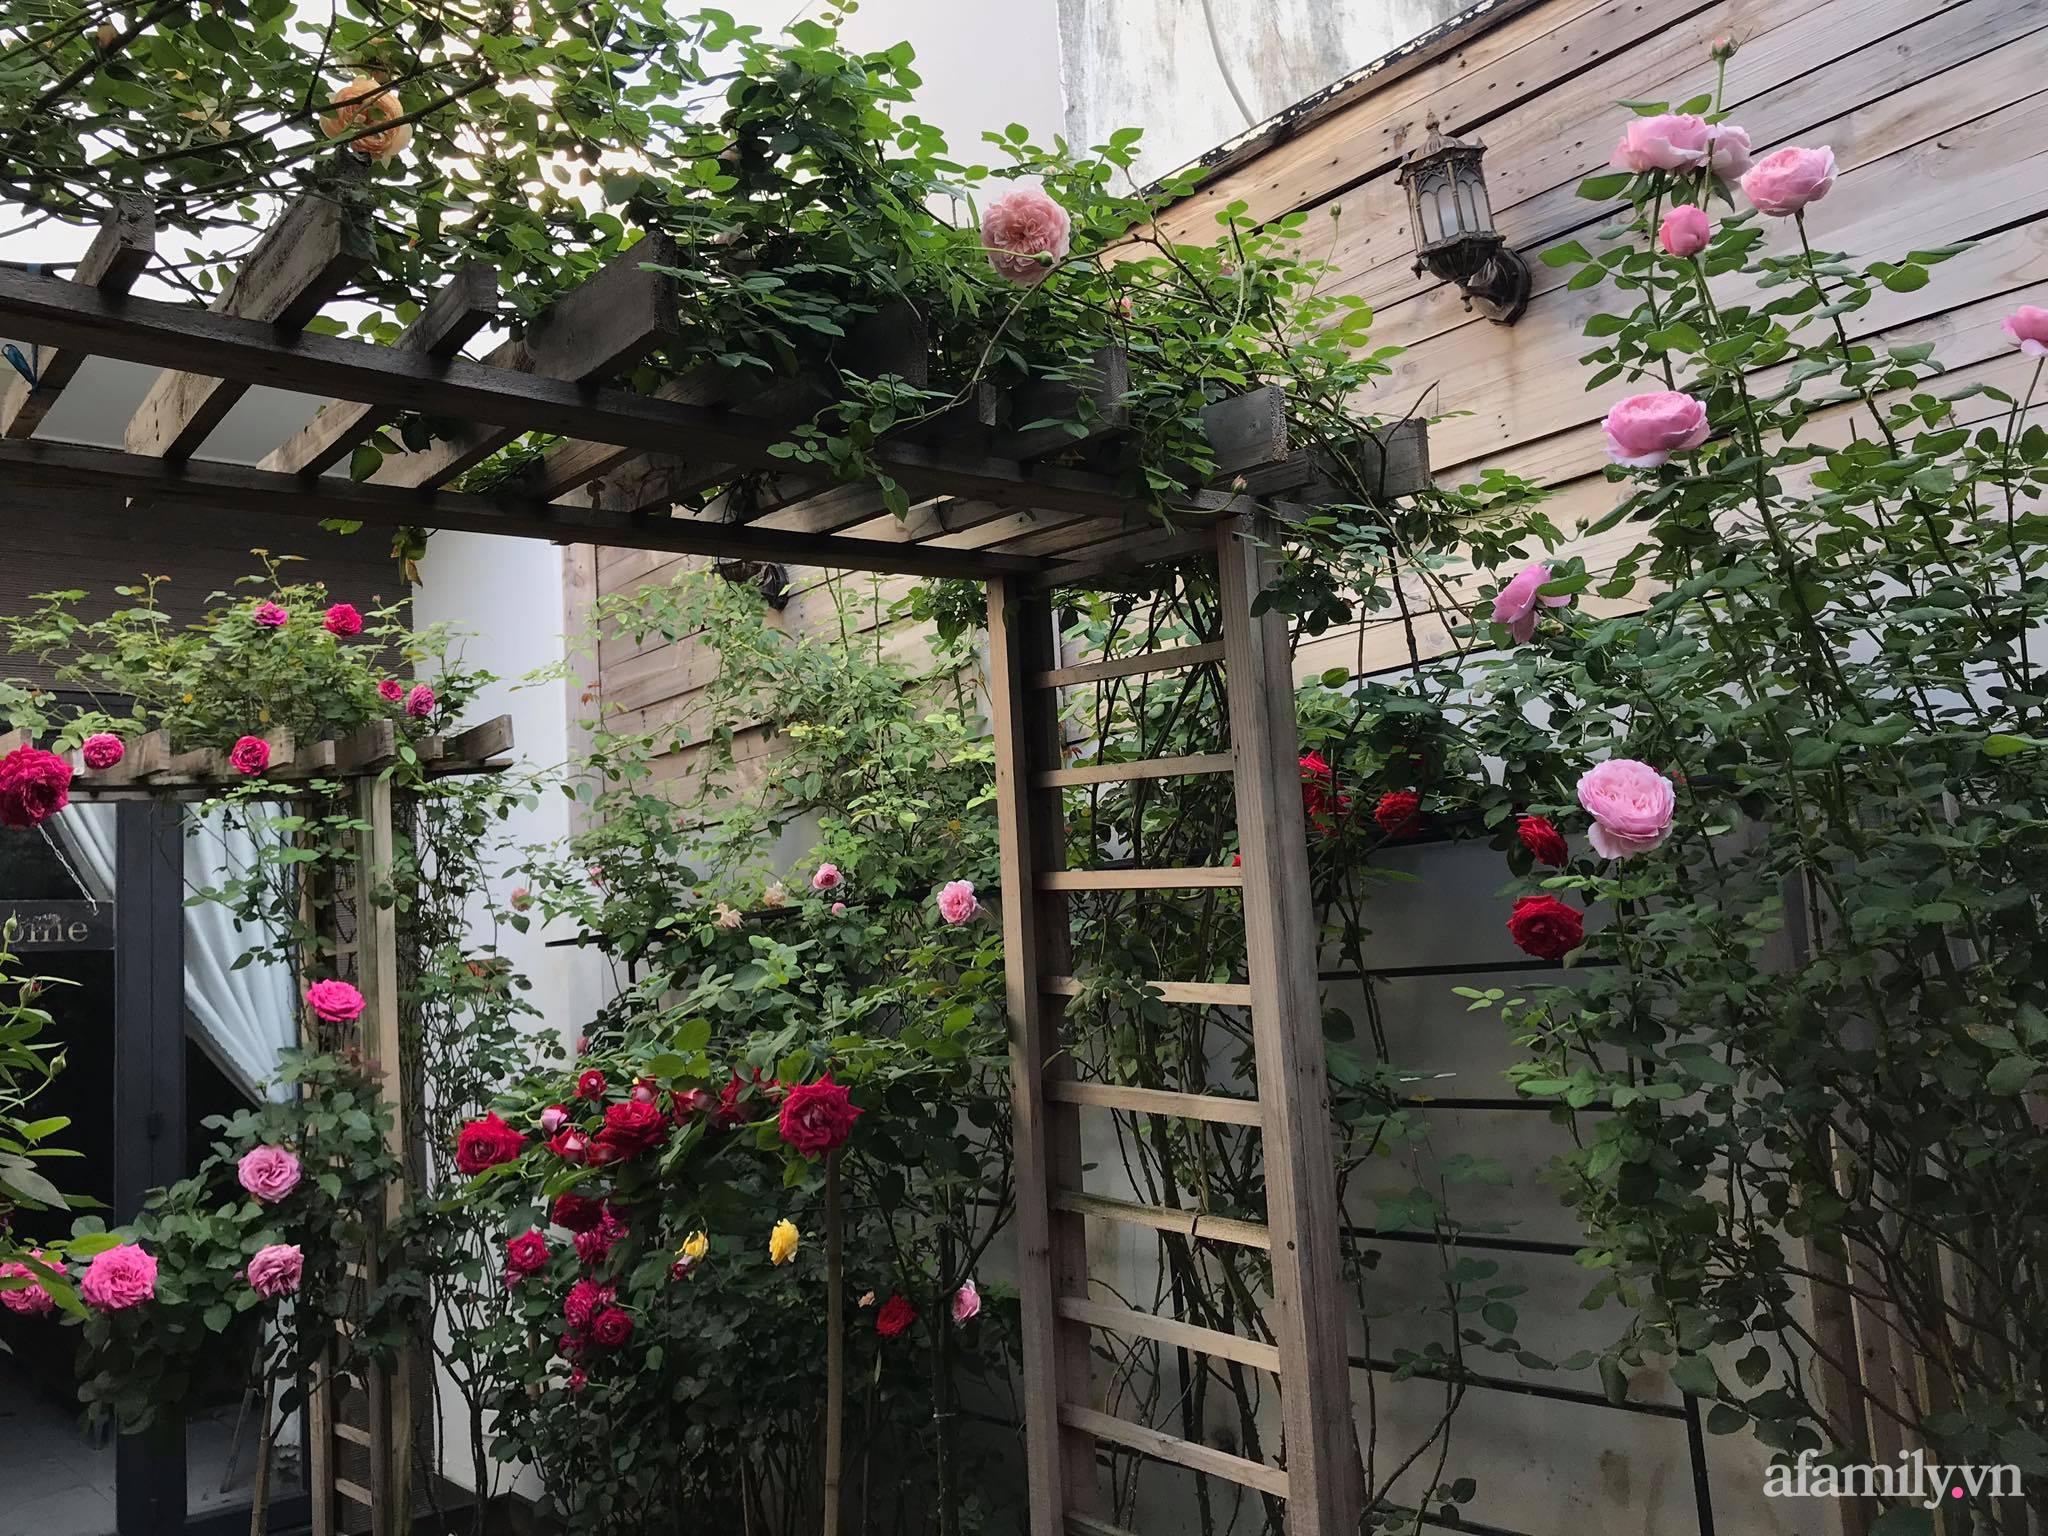 Vườn hồng rực rỡ tỏa sắc hương trước sân nhà đón hè sang của cặp vợ chồng trẻ Sải Gòn - Ảnh 2.